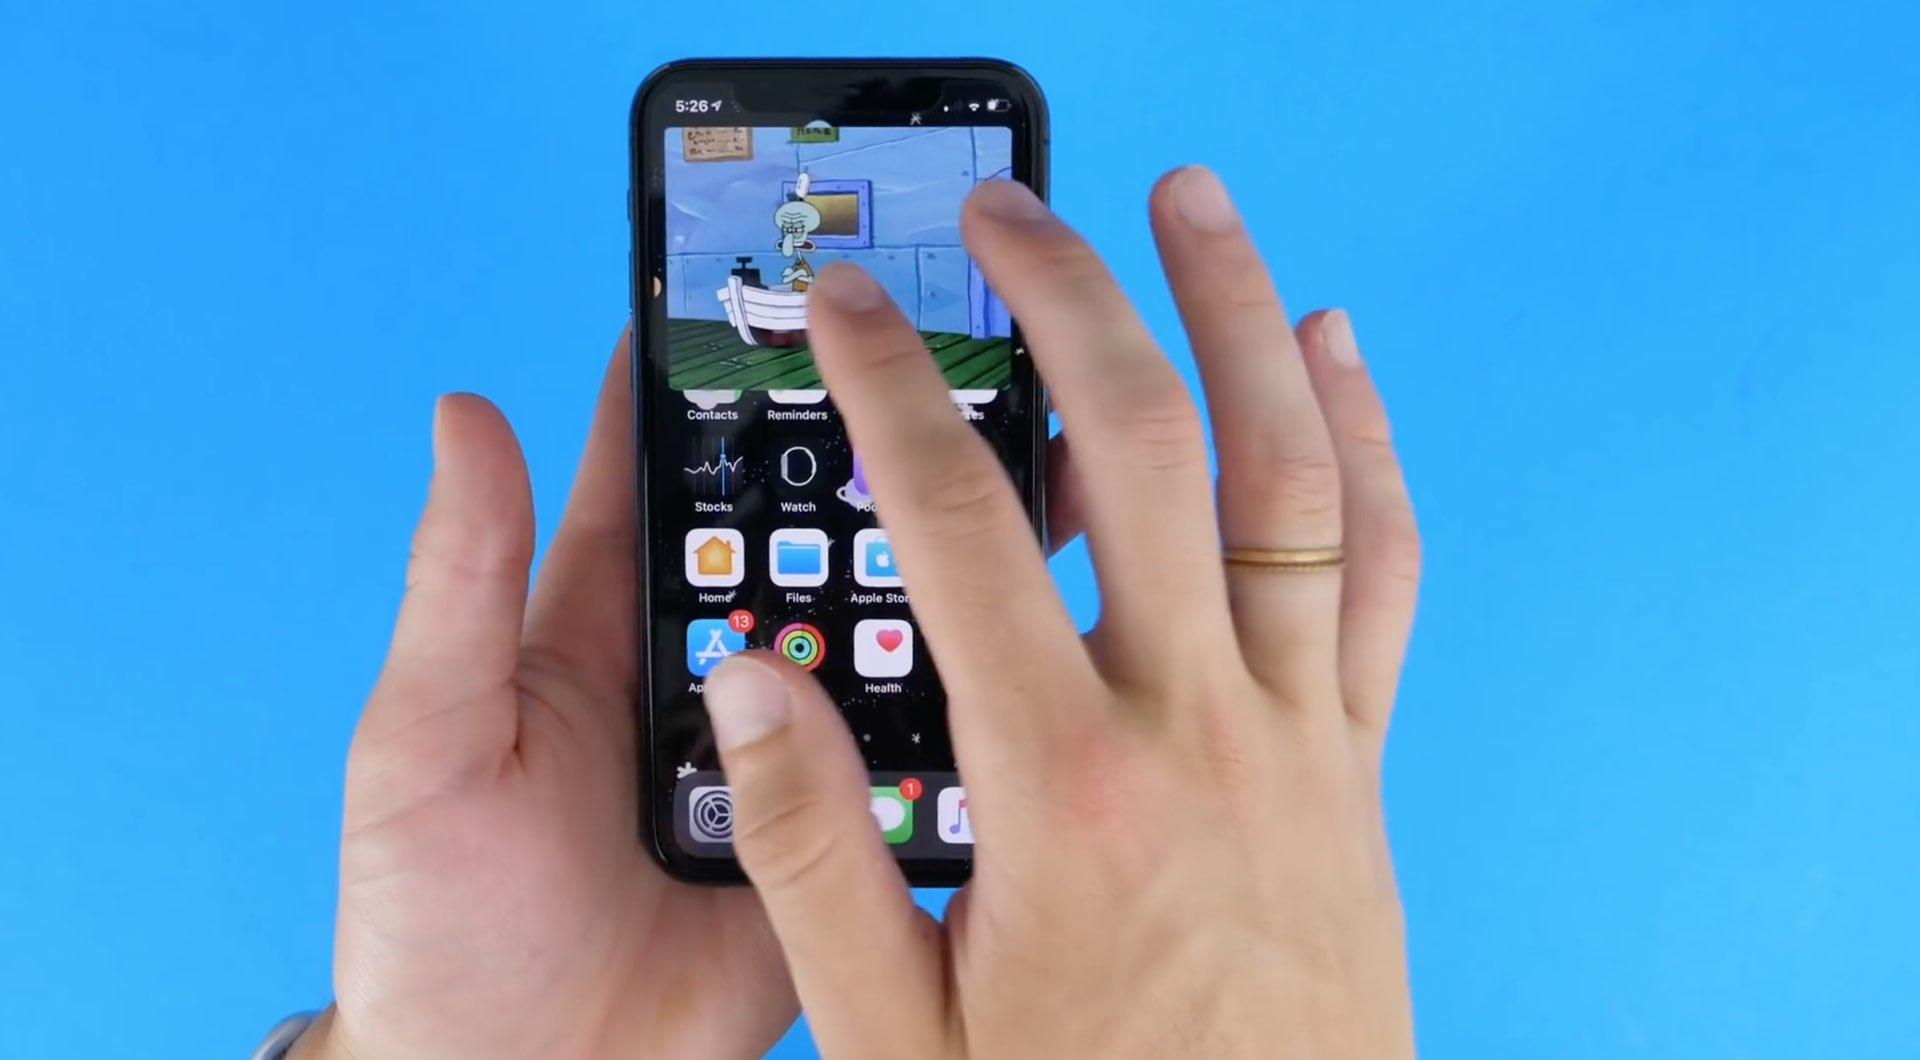 Obrázok na obrázku na iPhone - maximalizácia prekrývania